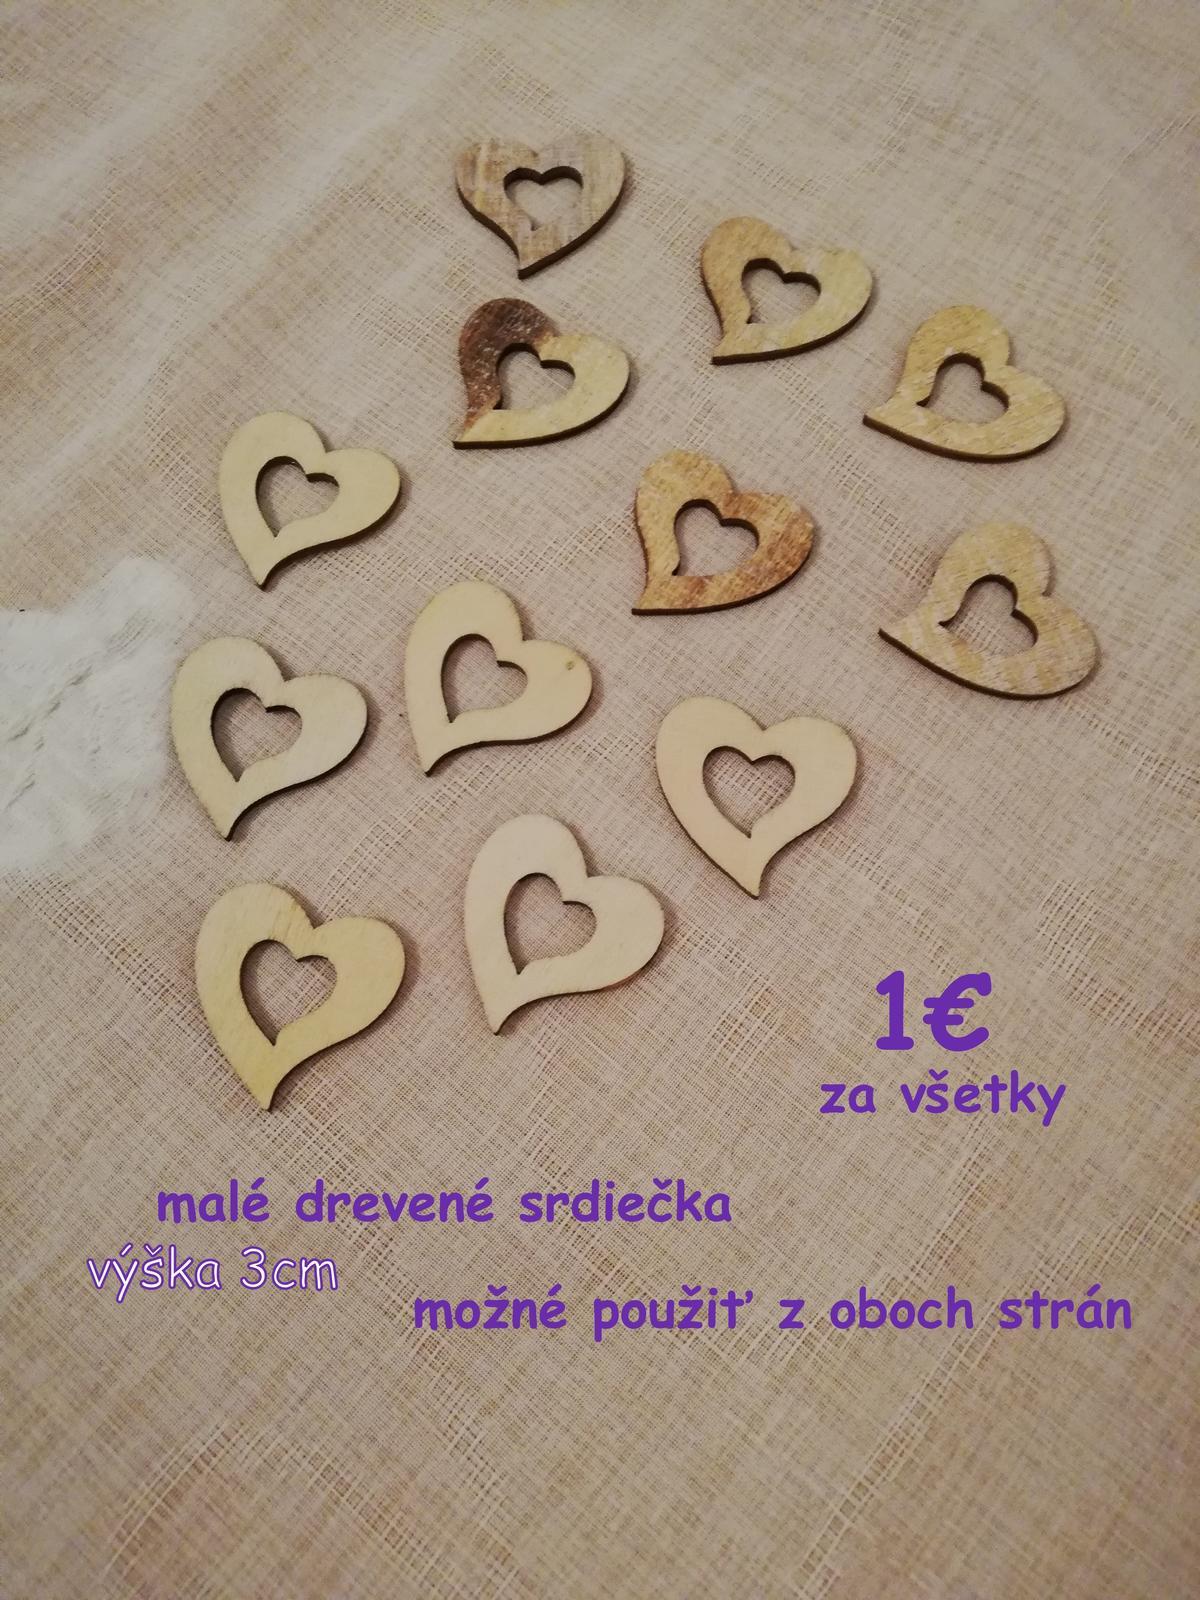 drevené srdiečka, tabuľkové srdce, papierové srdiečka - Obrázok č. 1